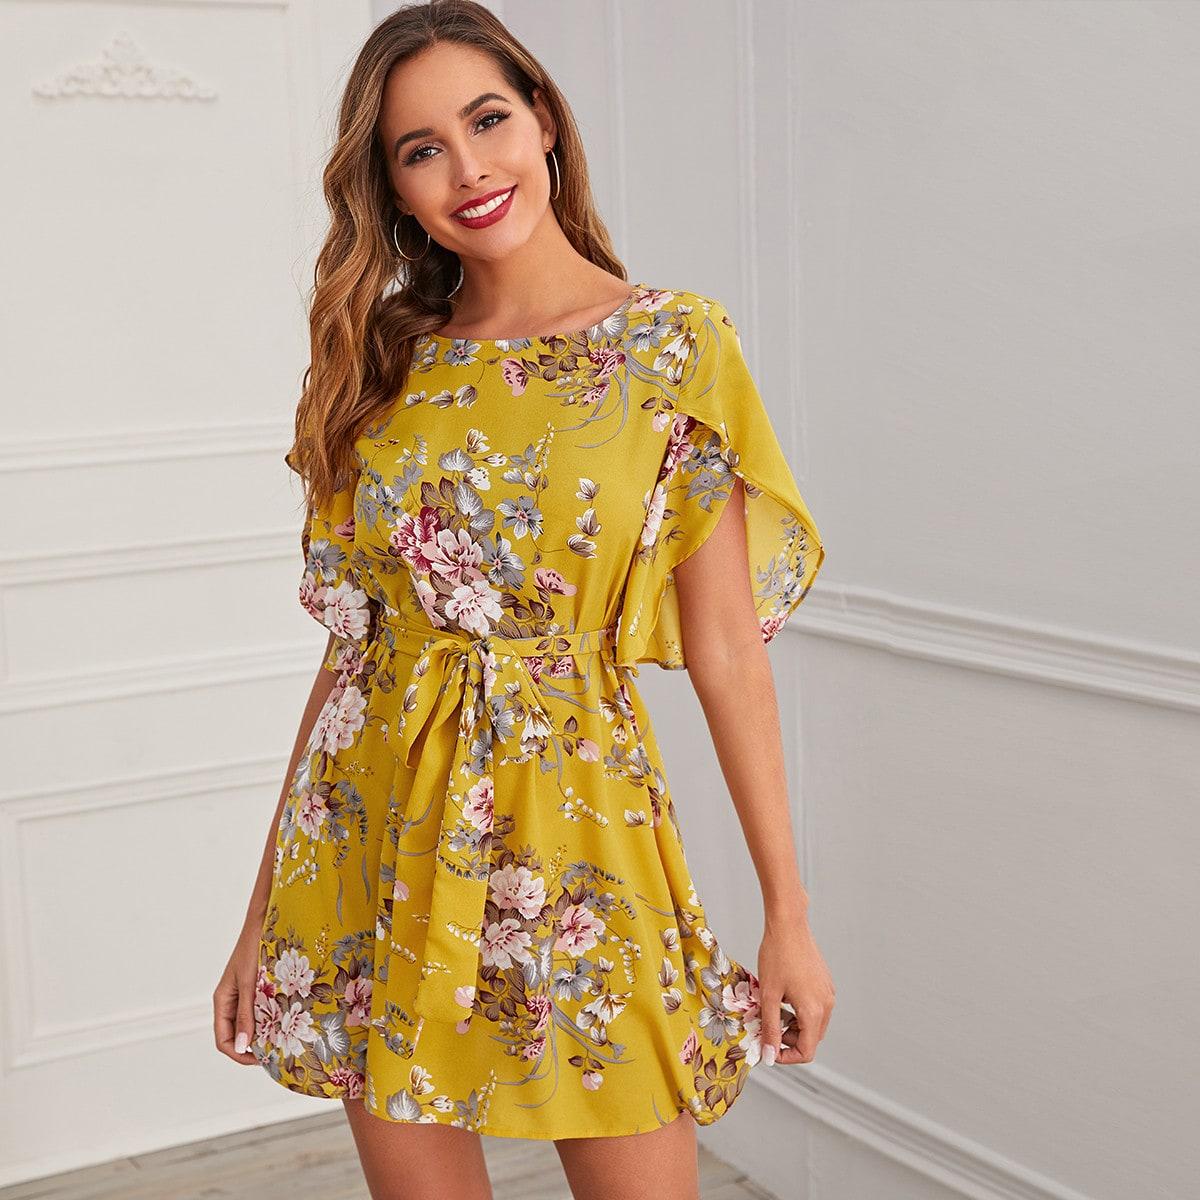 SHEIN / Kleid mit Blüten Ärmeln, botanischem Muster und Gürtel